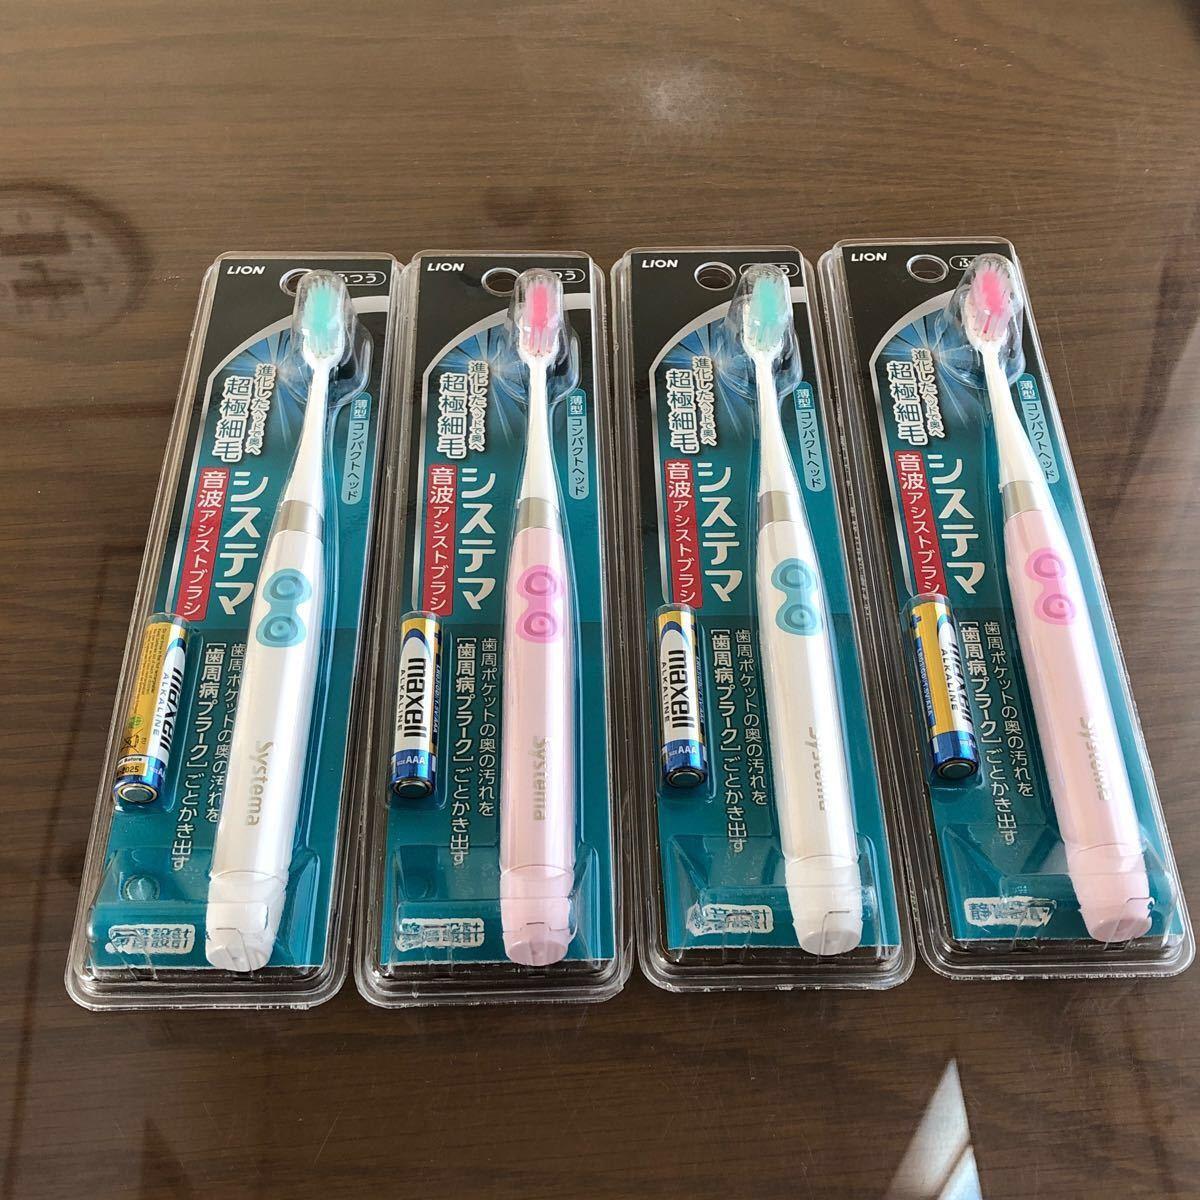 システマ システマ音波アシストブラシ 電動歯ブラシ デンターシステマ 歯ブラシ LION